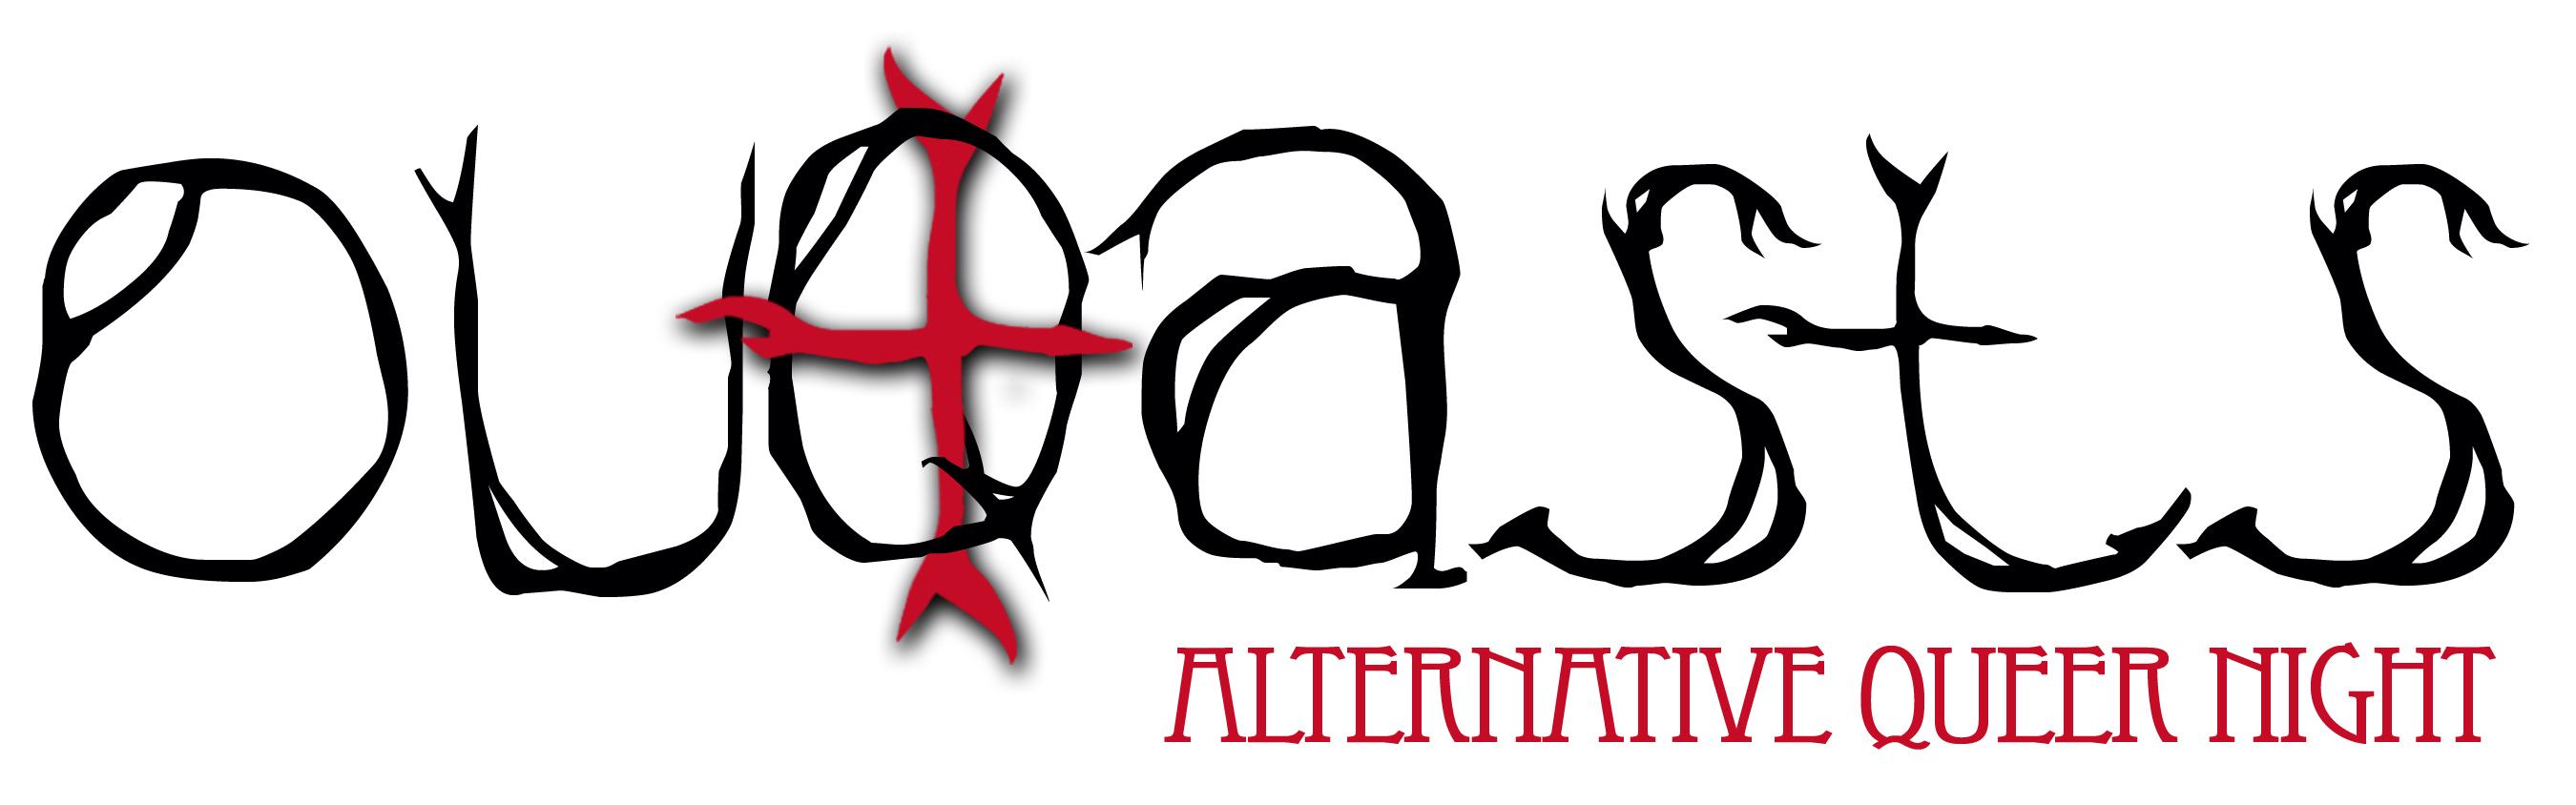 OutQasts Logo